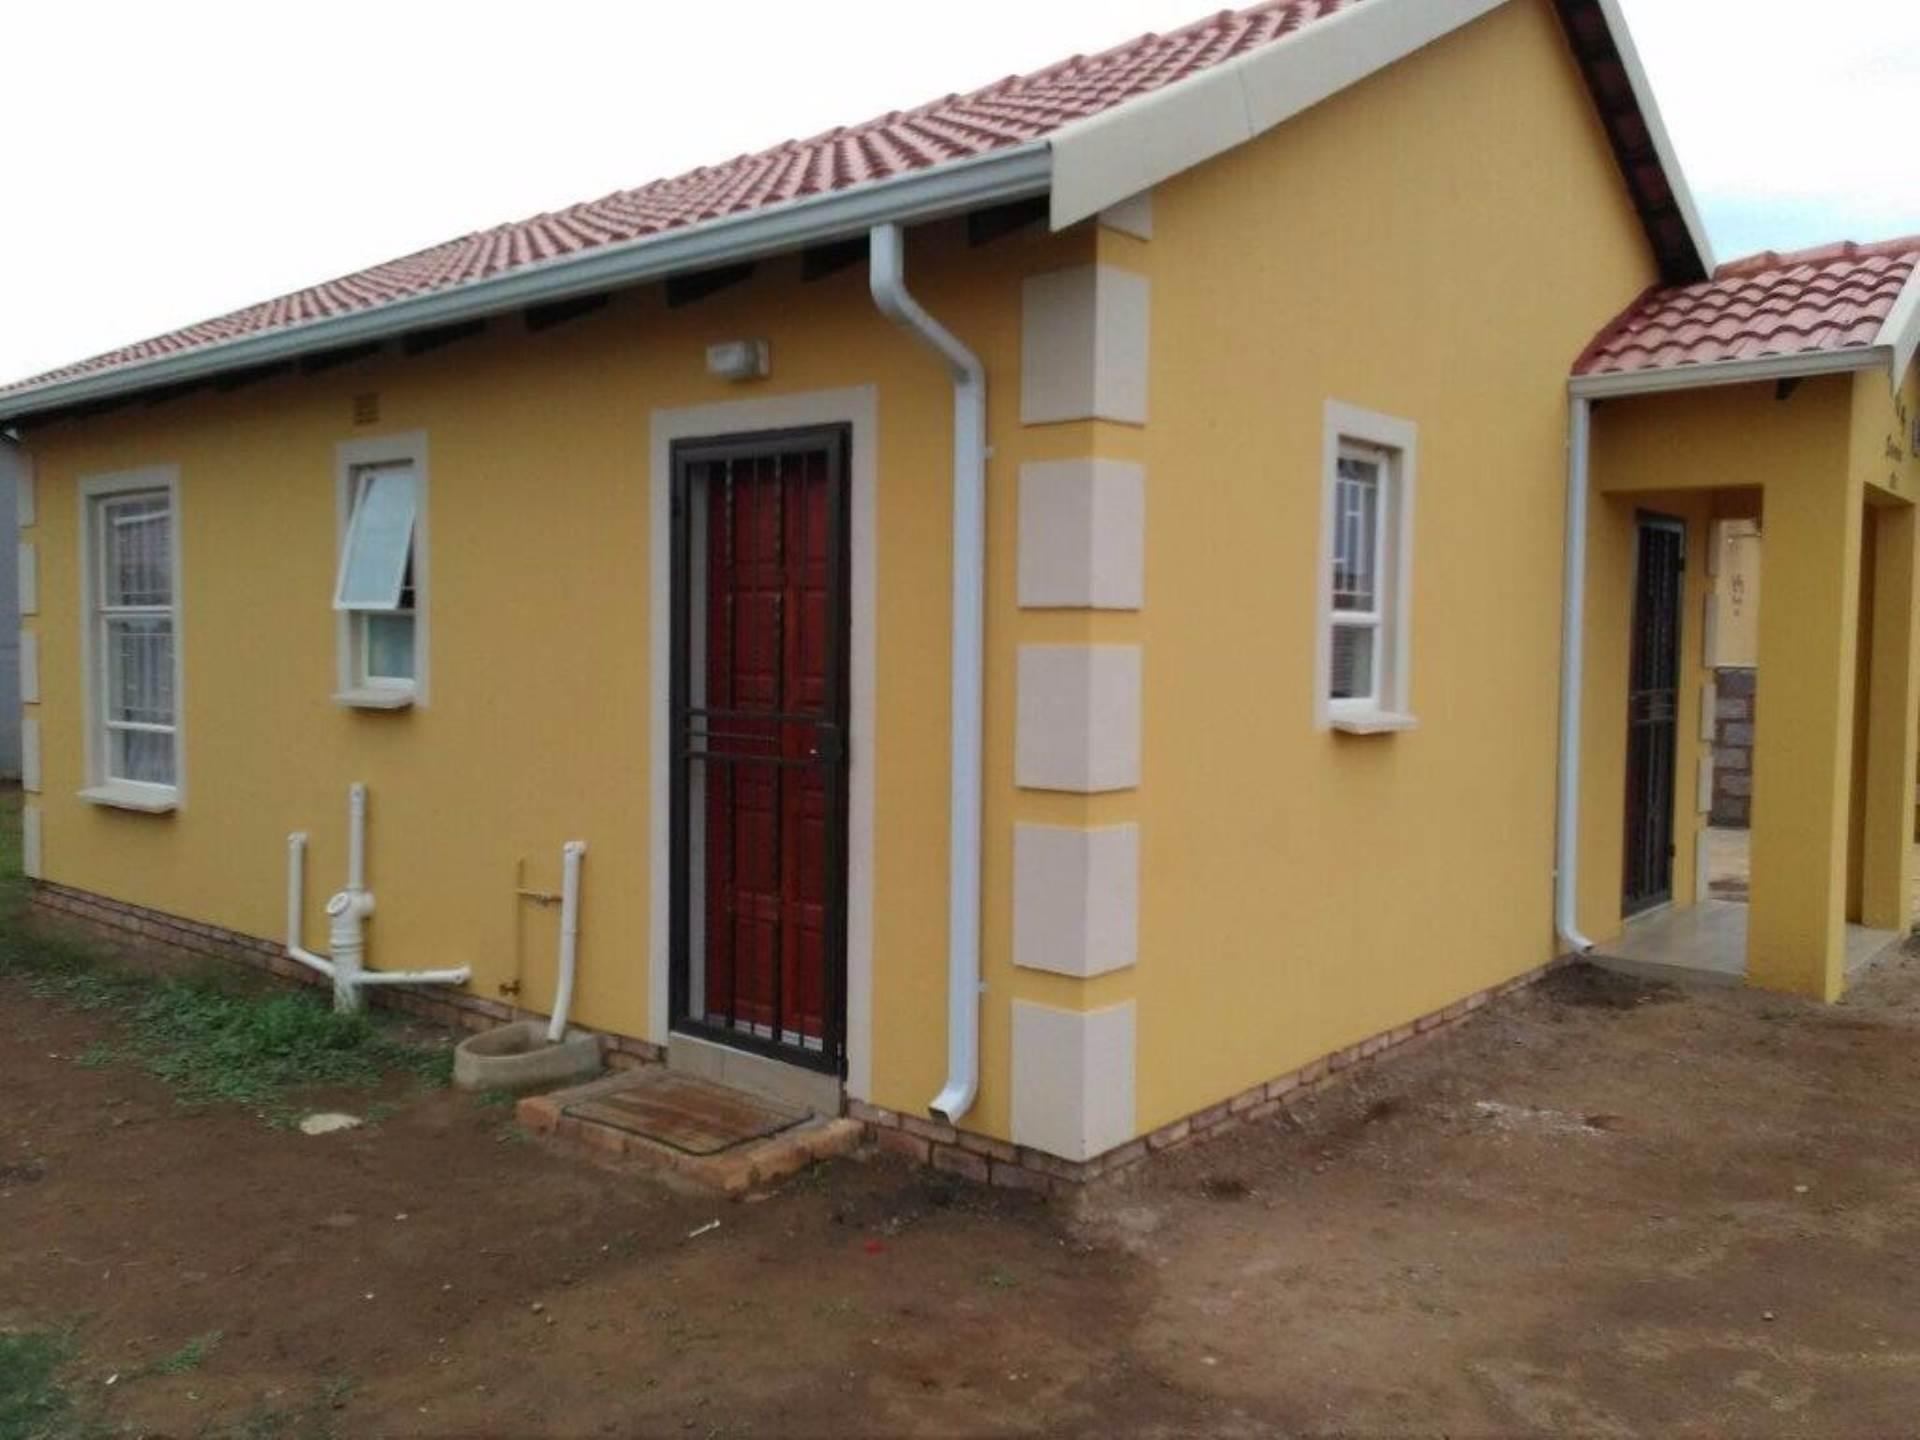 2 BedroomHouse For Sale In Vanderbijlpark & Ext